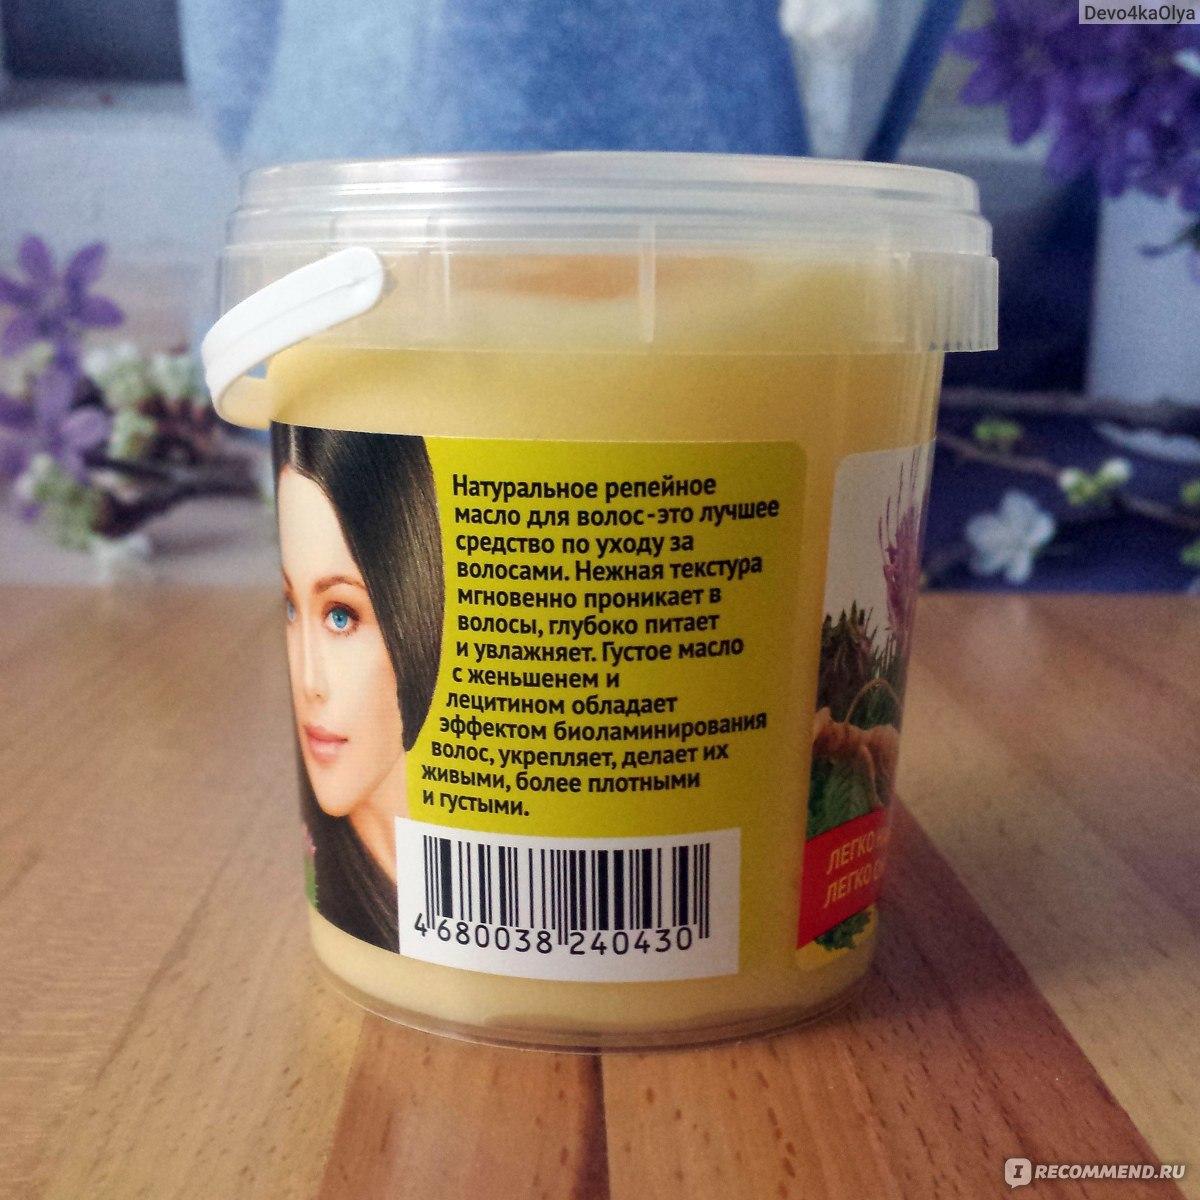 Густое масло для волос фитокосметик